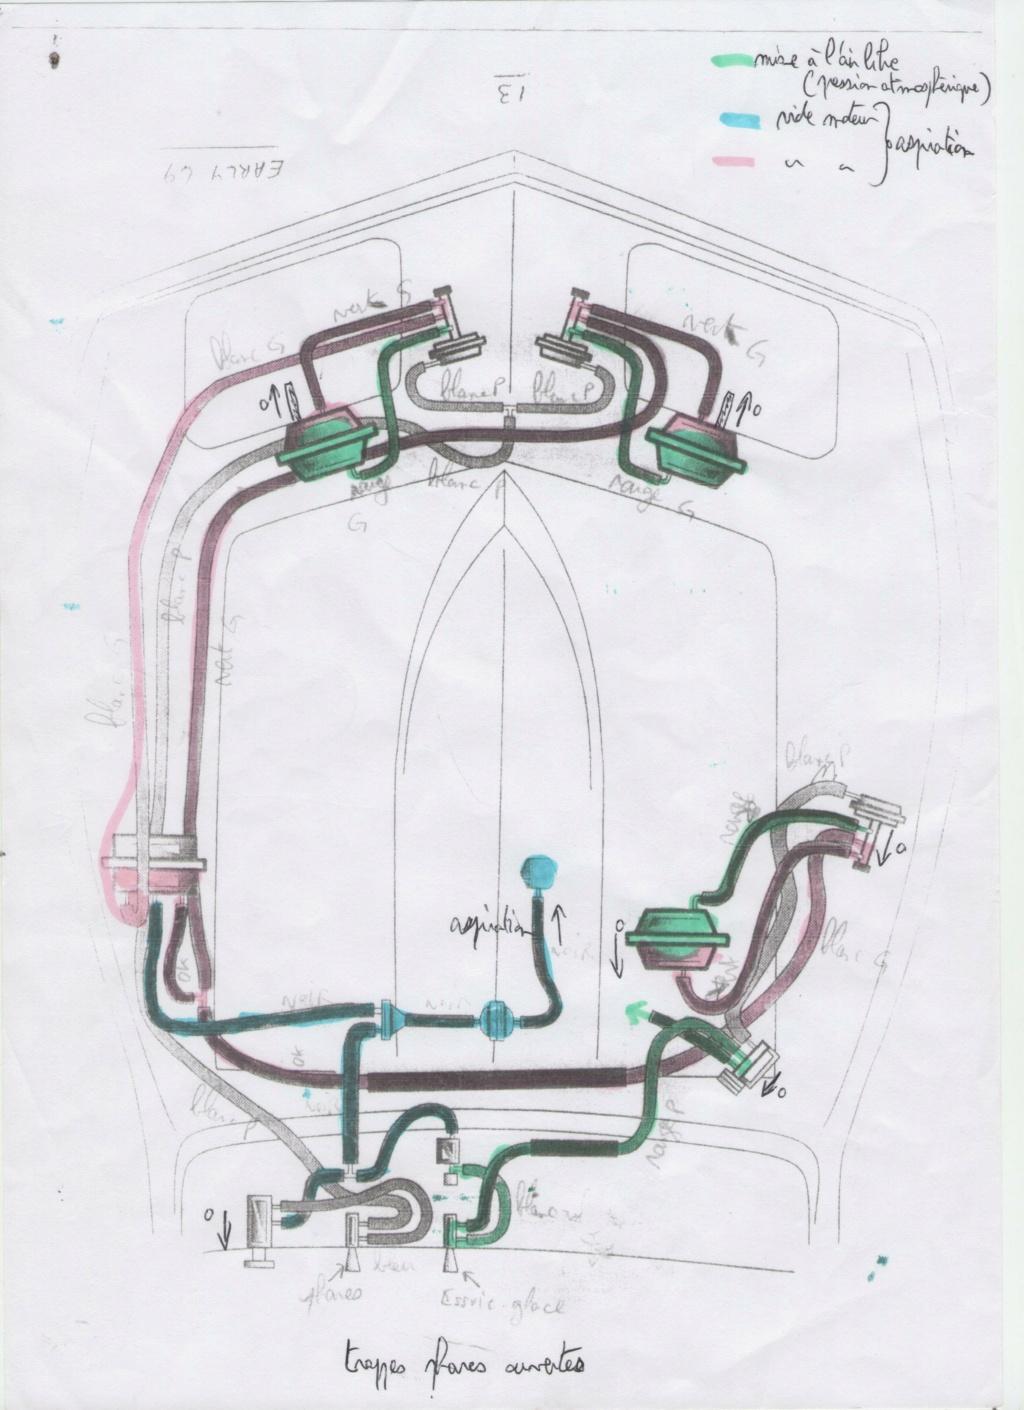 problèmes moteur essuie-glace et trappe d'essuie-glace Circui11